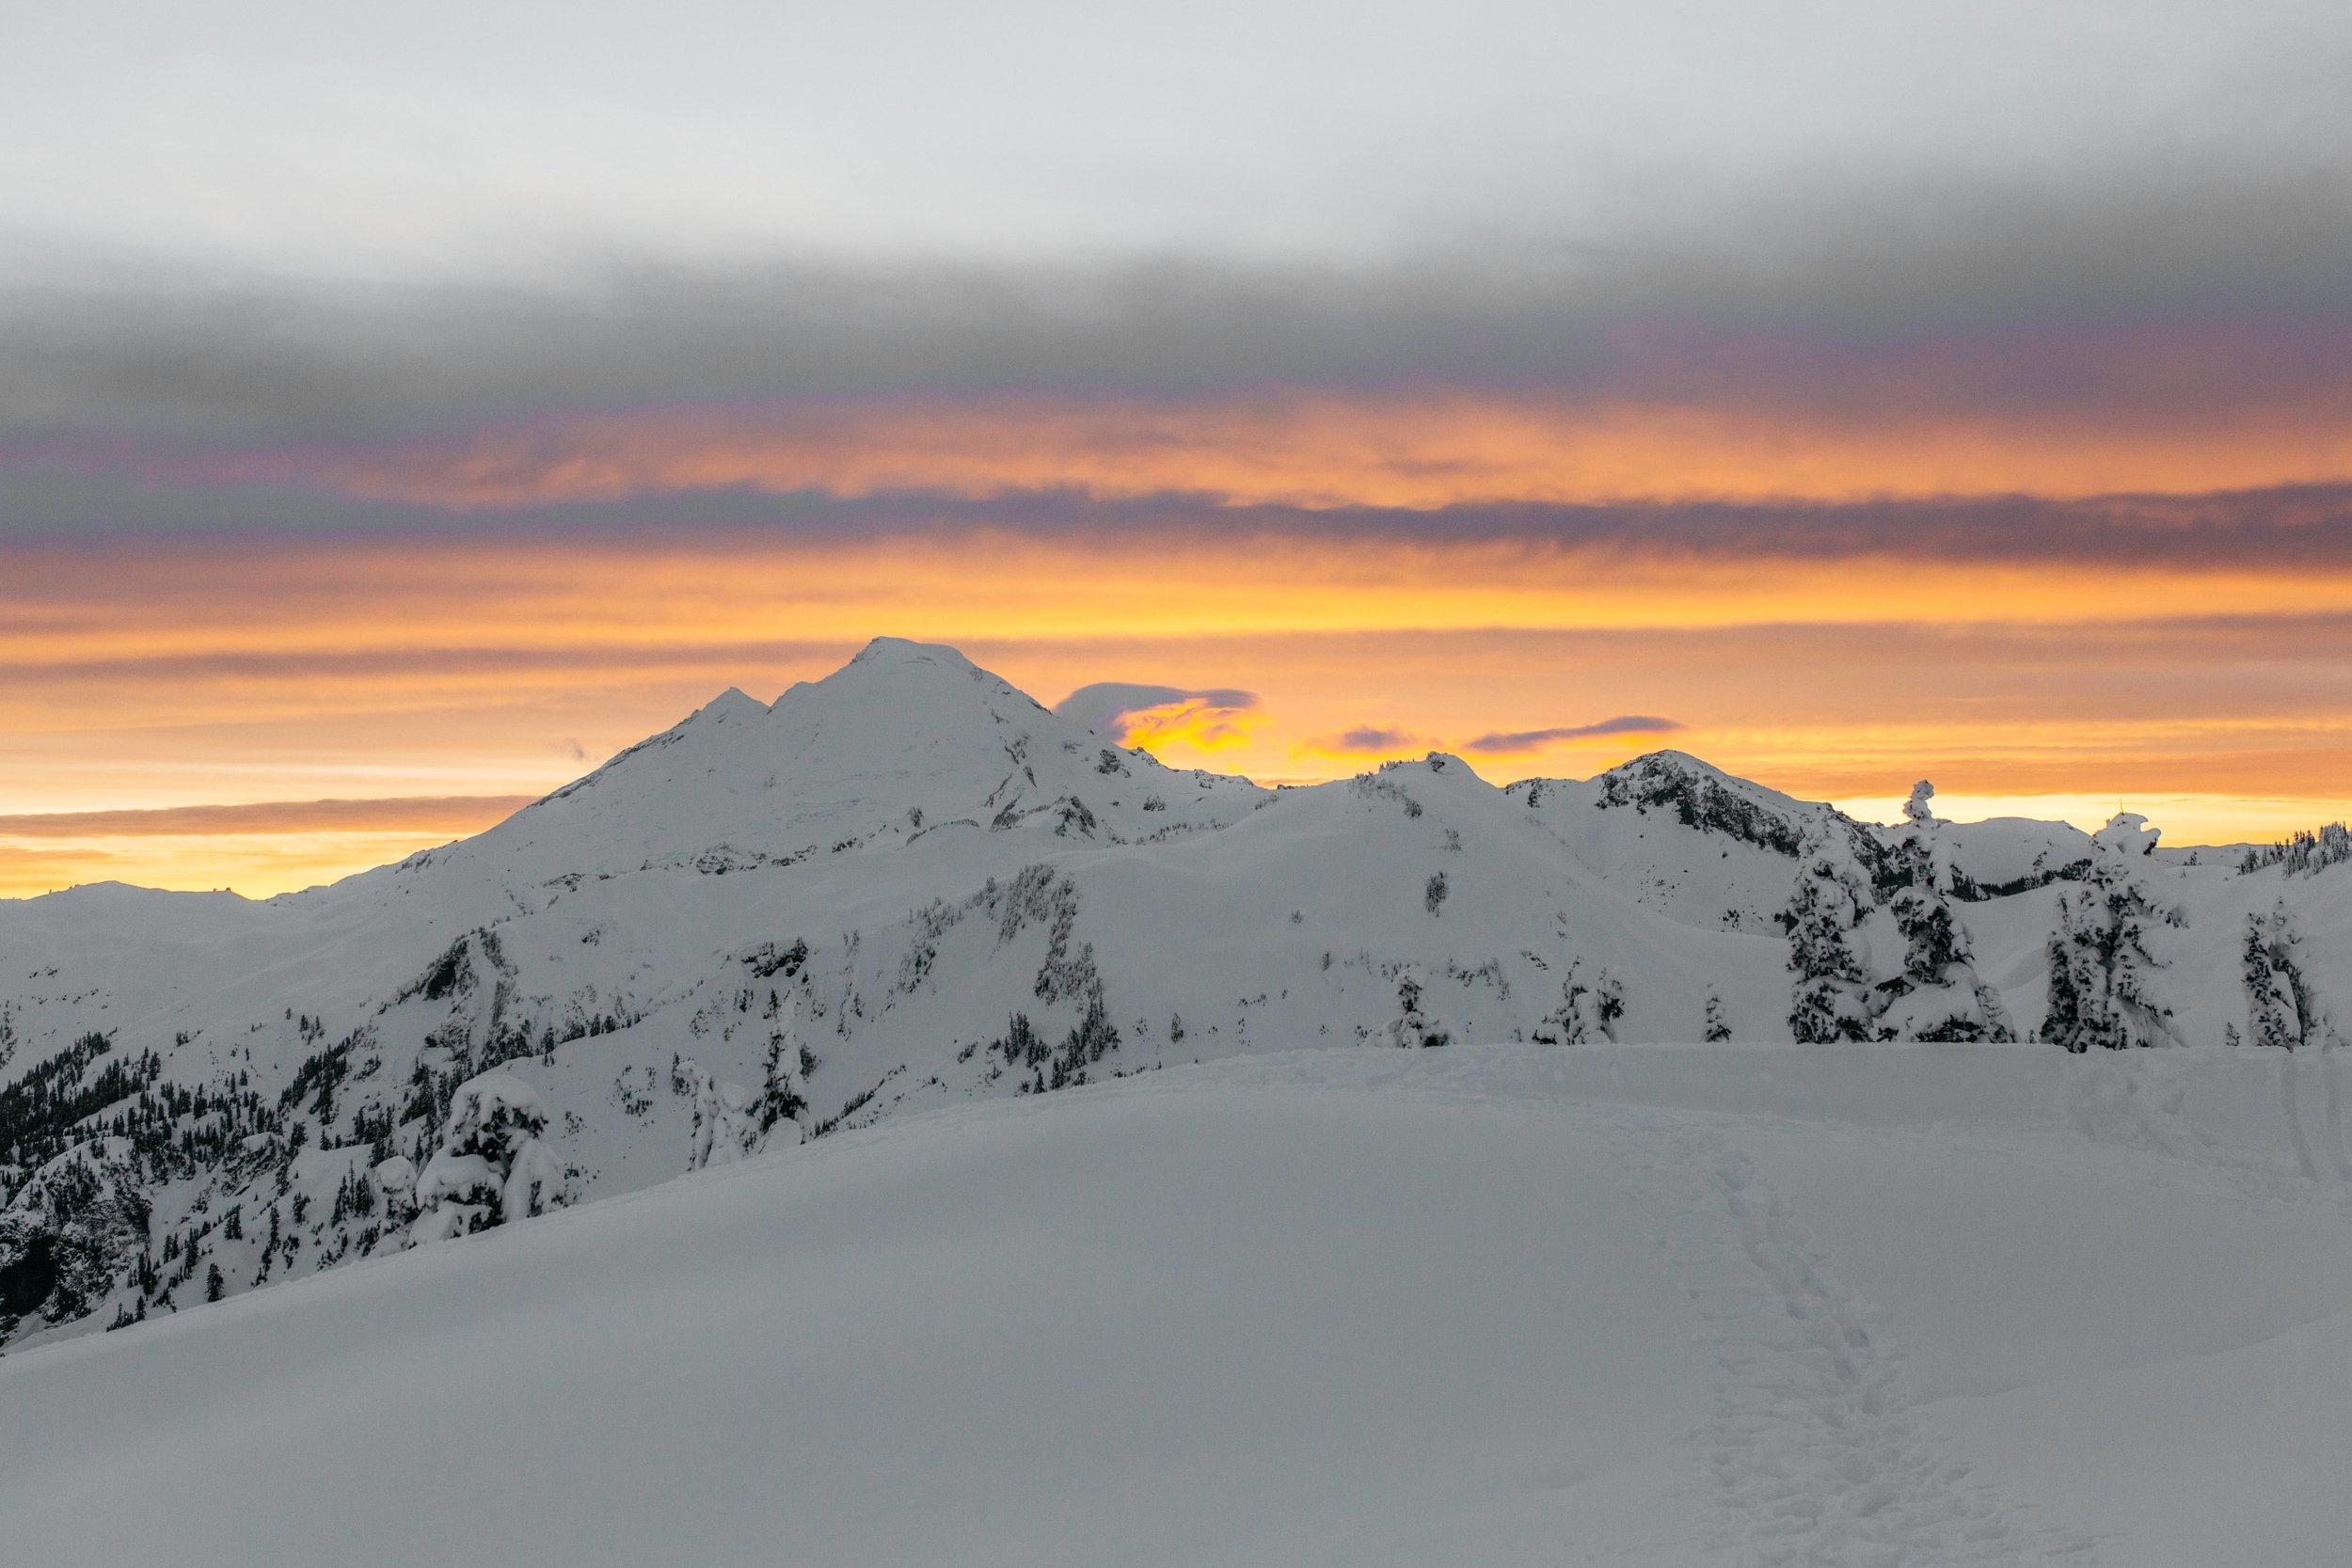 mount-baker-snow-camping-sunset.jpg